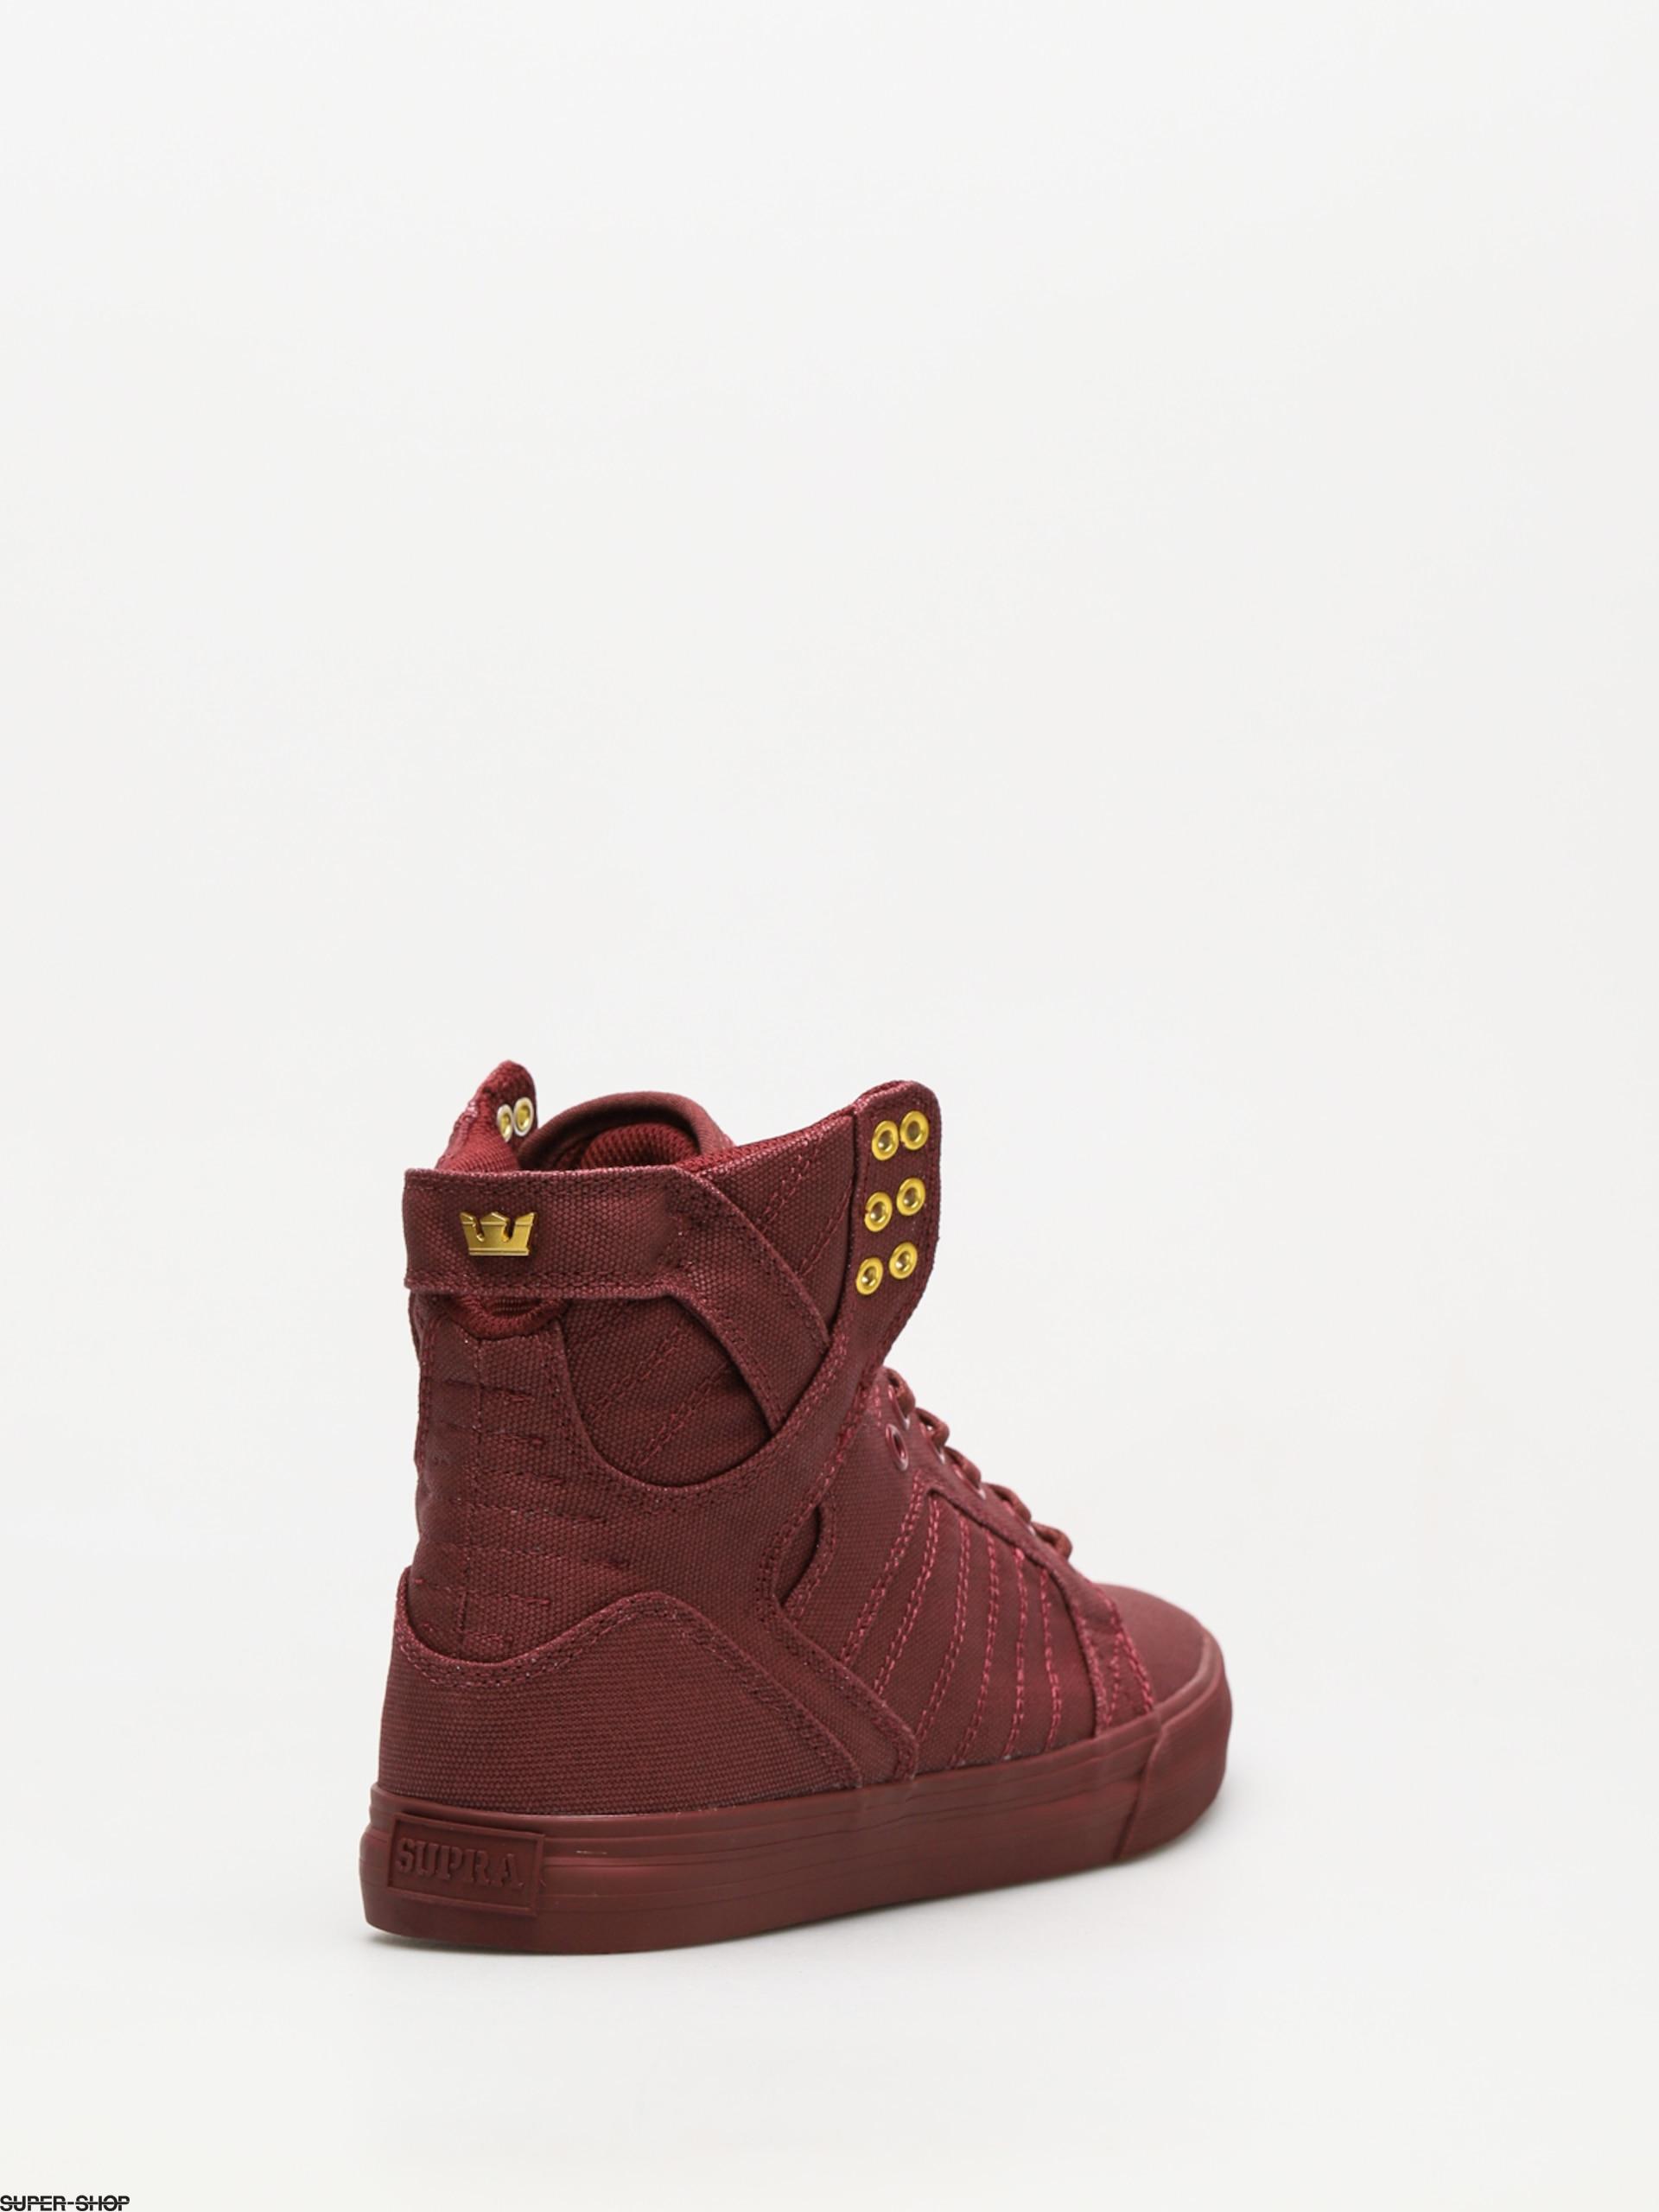 1a644fca43cc6 Supra Shoes Skytop (andorra)